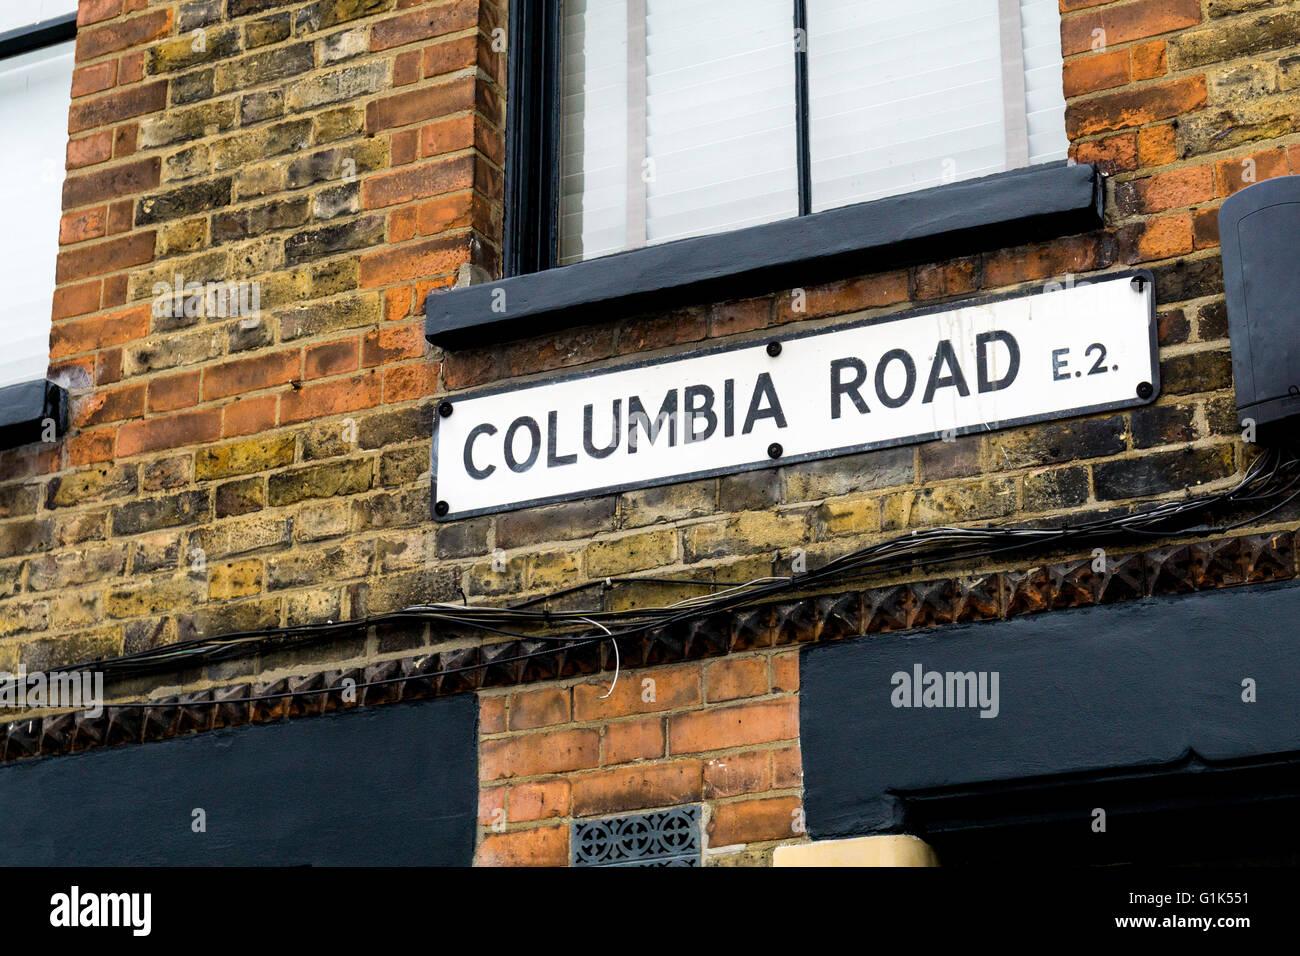 Columbia Road street sign in London E2. Cette route est l'hôte d'une émission hebdomadaire marché Photo Stock